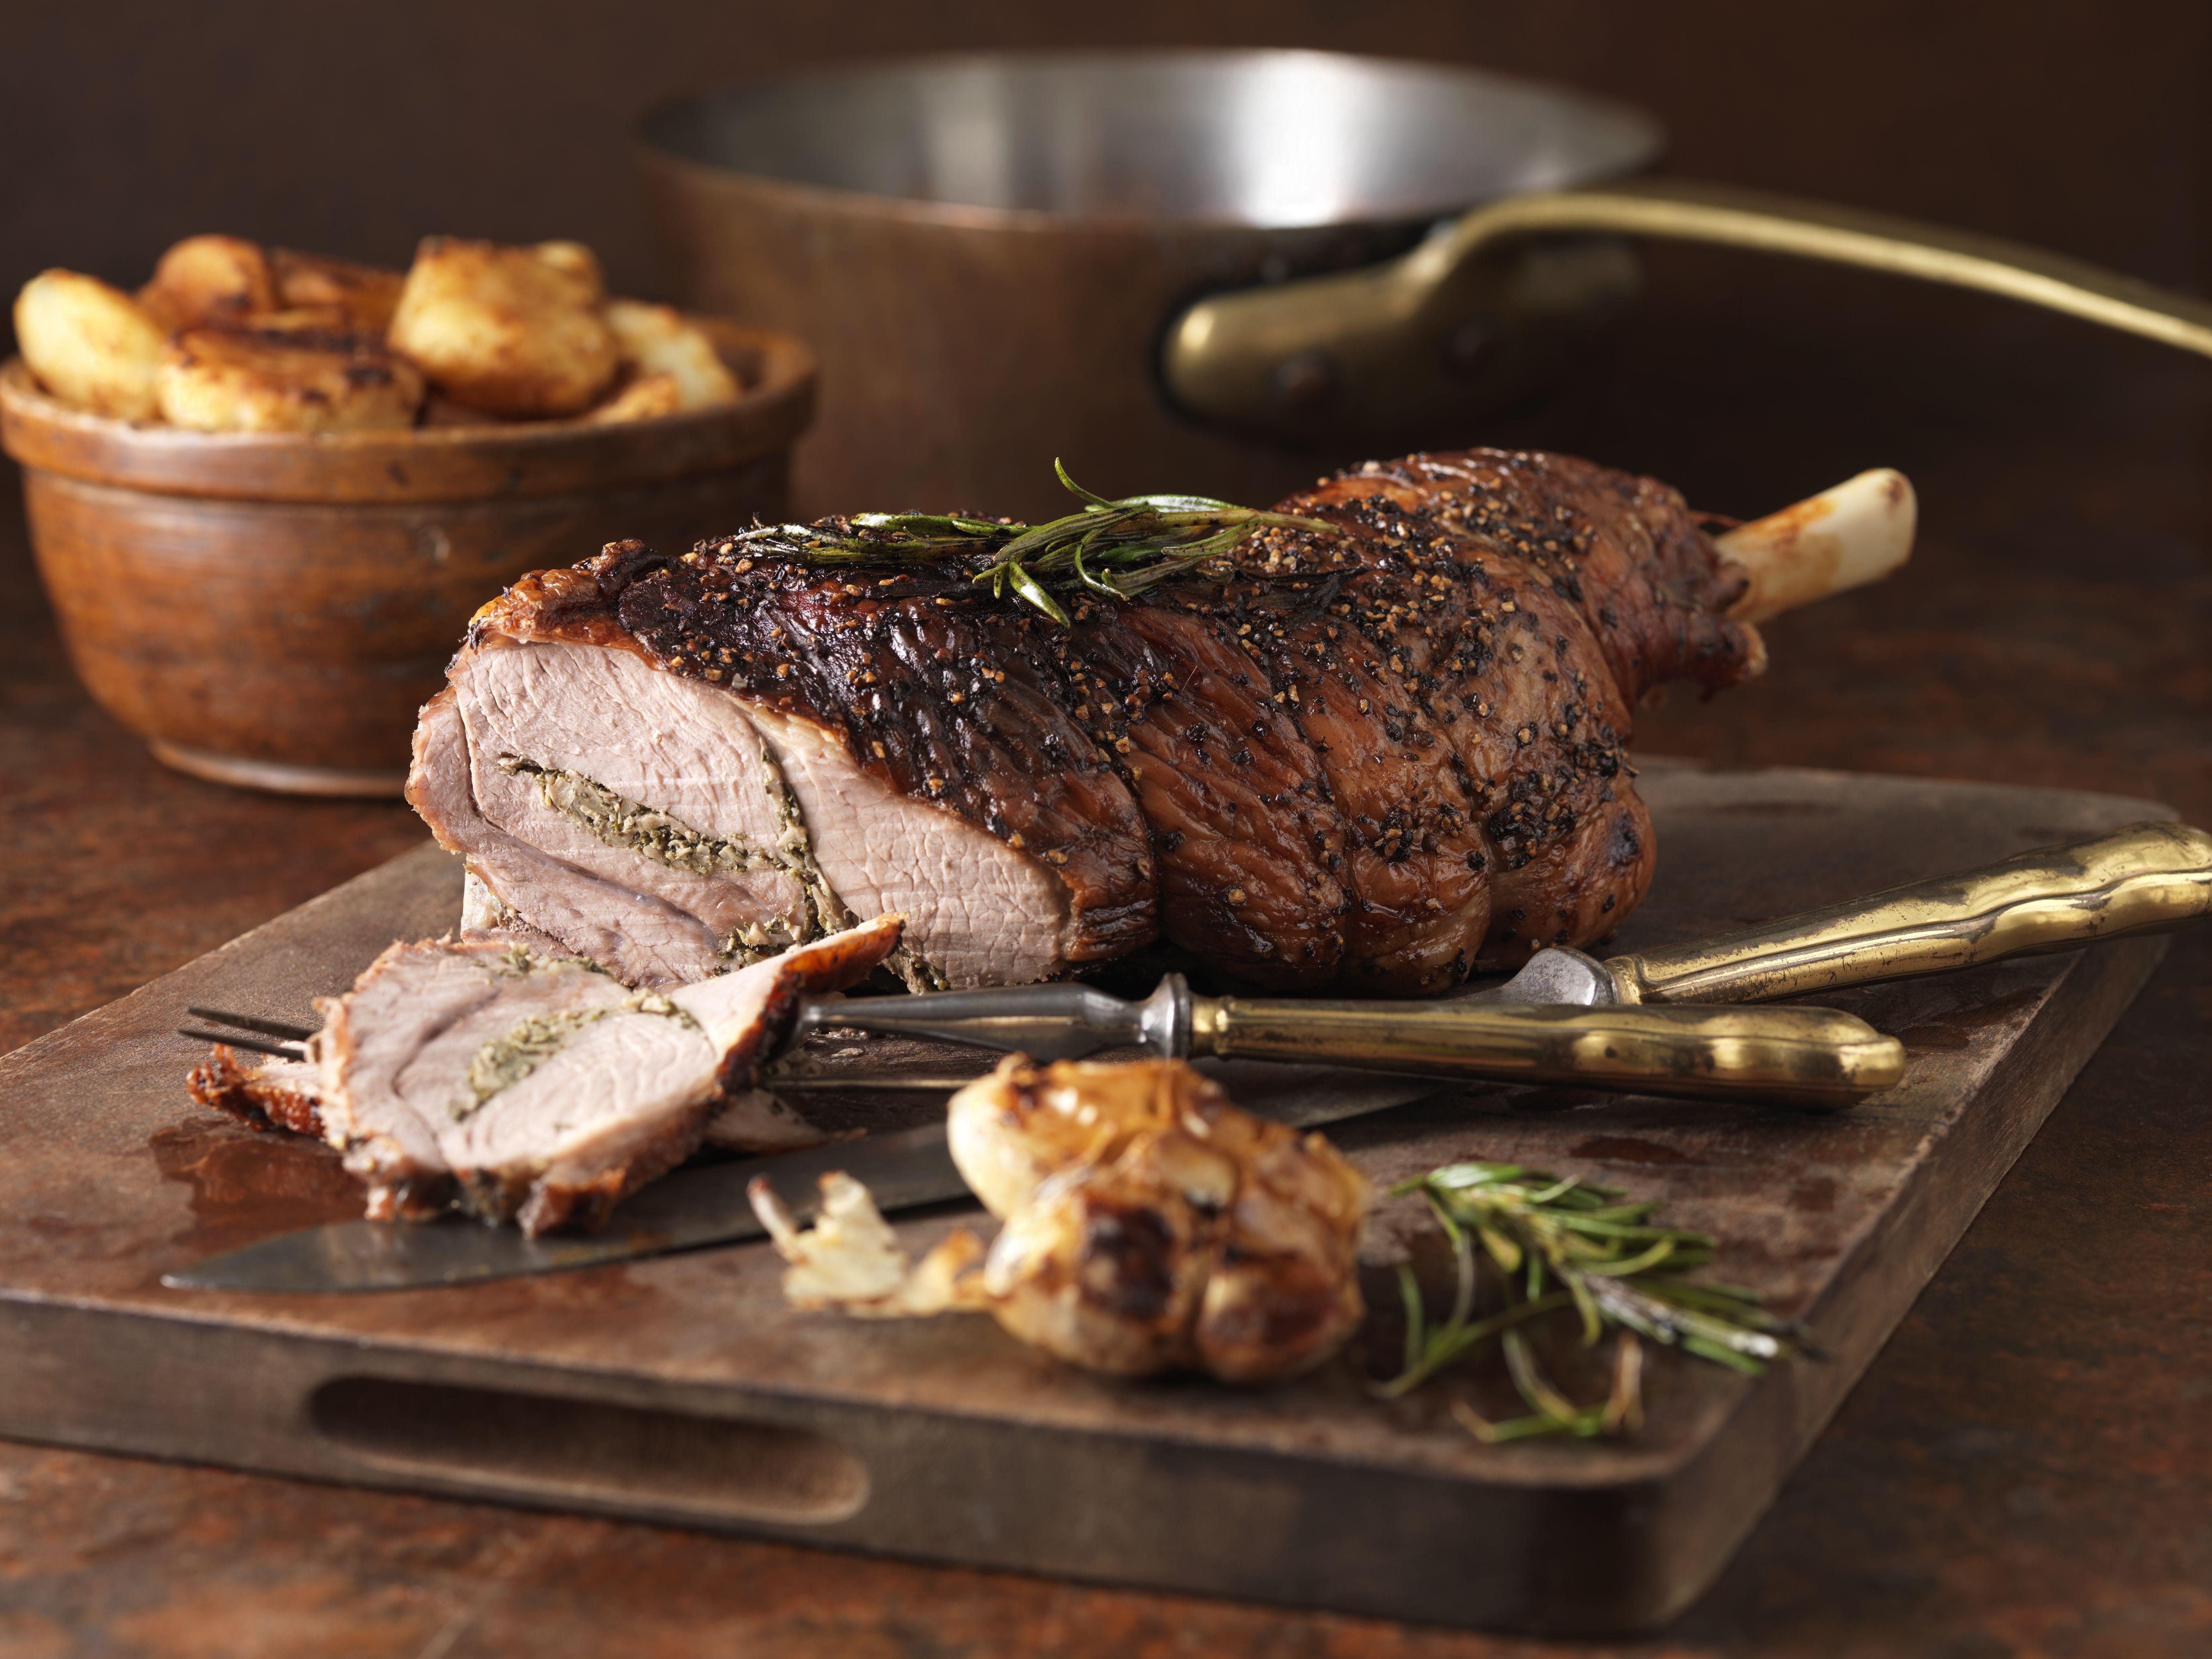 Roasted Leg of Lamb for Easter Dinner